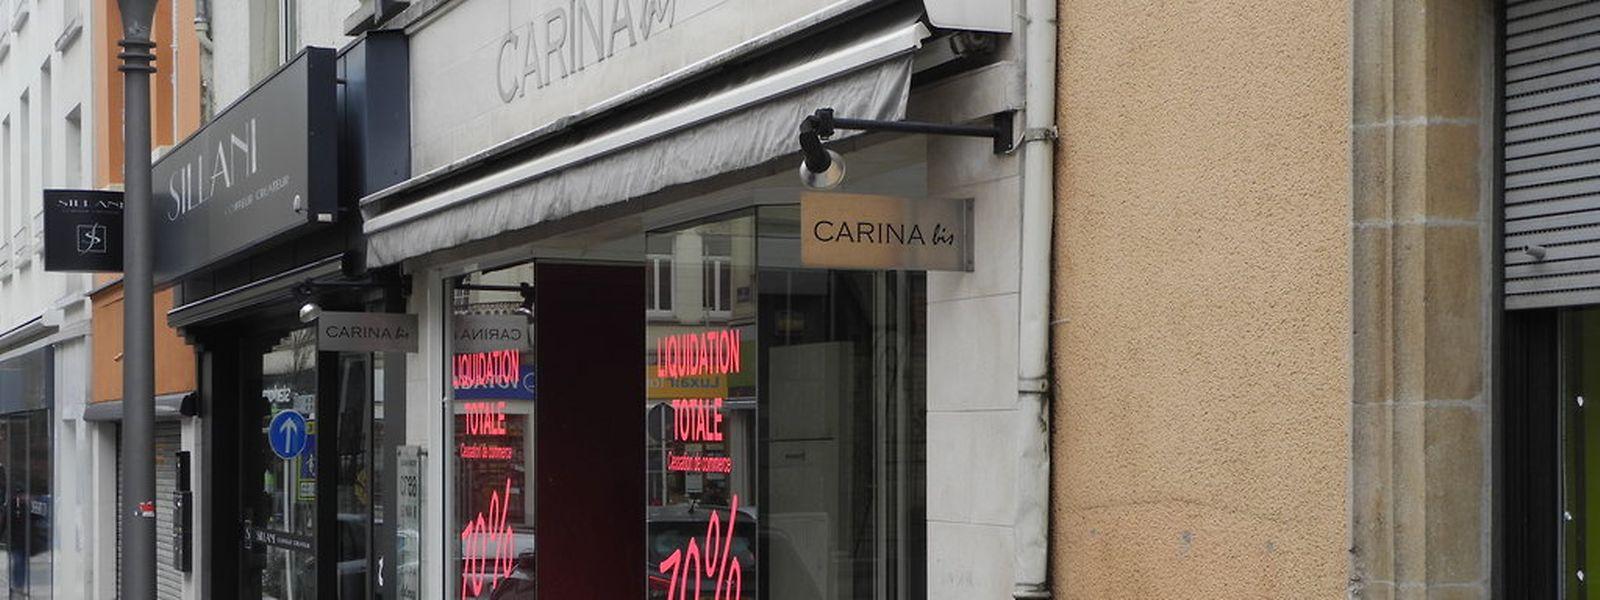 """""""Carinabis"""" hat nach rund acht Jahren geschlossen. Das Geschäft war von der Tochter des Eigentümers des Geschäftes """"Carina"""", das rund 20 Jahre in Esch/Alzette bekannt war, eröffnet worden."""